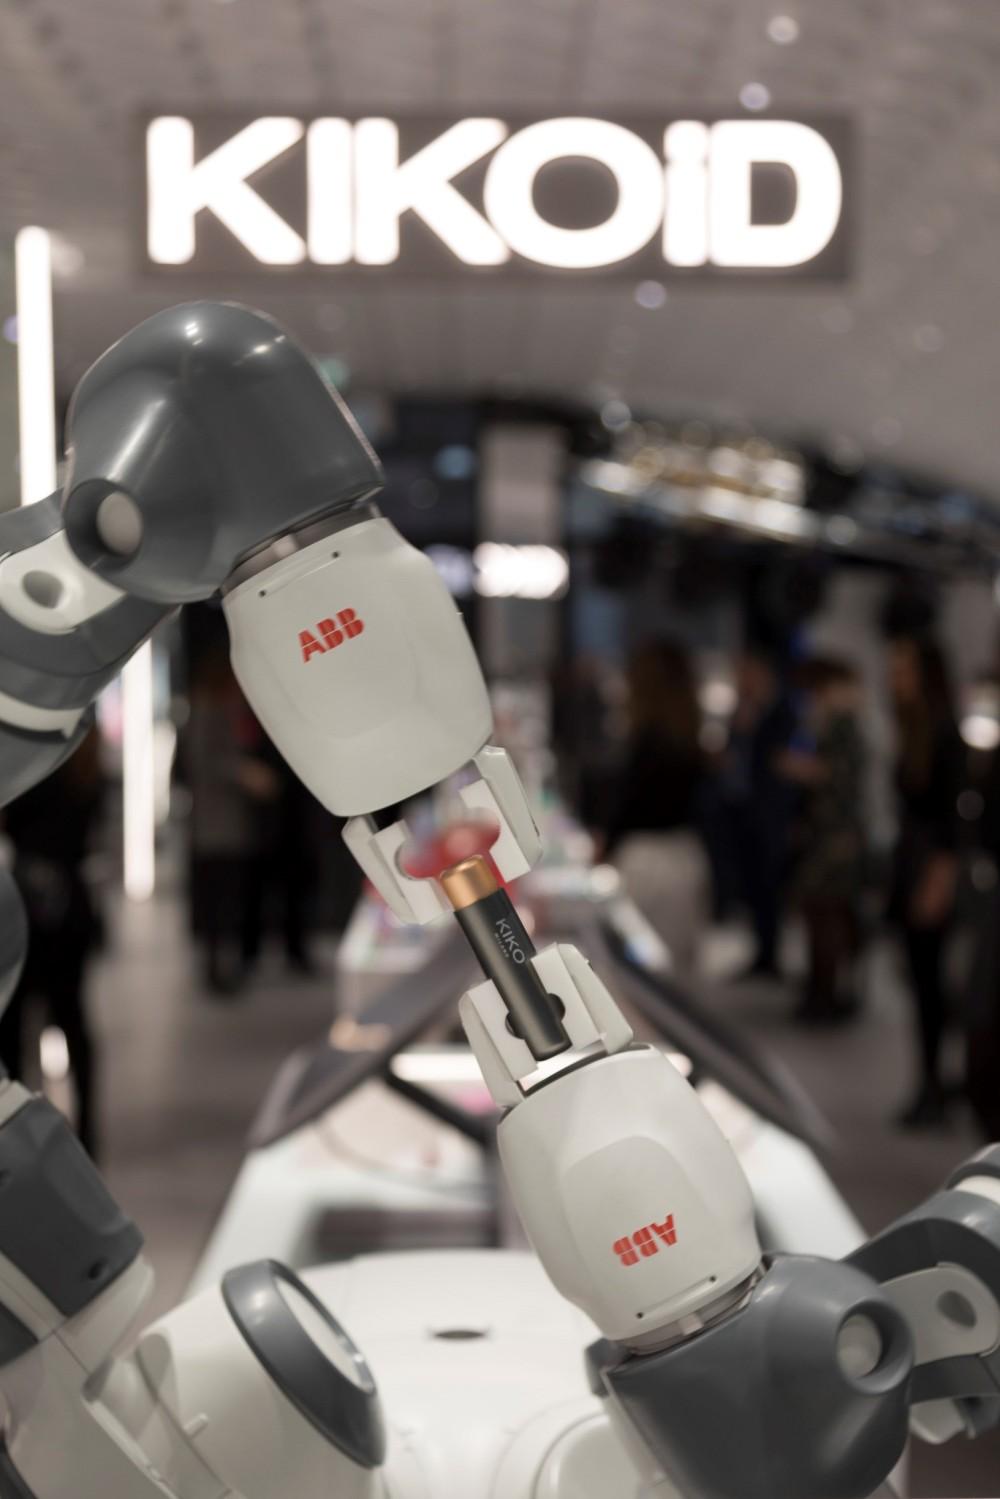 Robot, KIKOiD di Kiko a Milano, corso Vittorio Emanuele